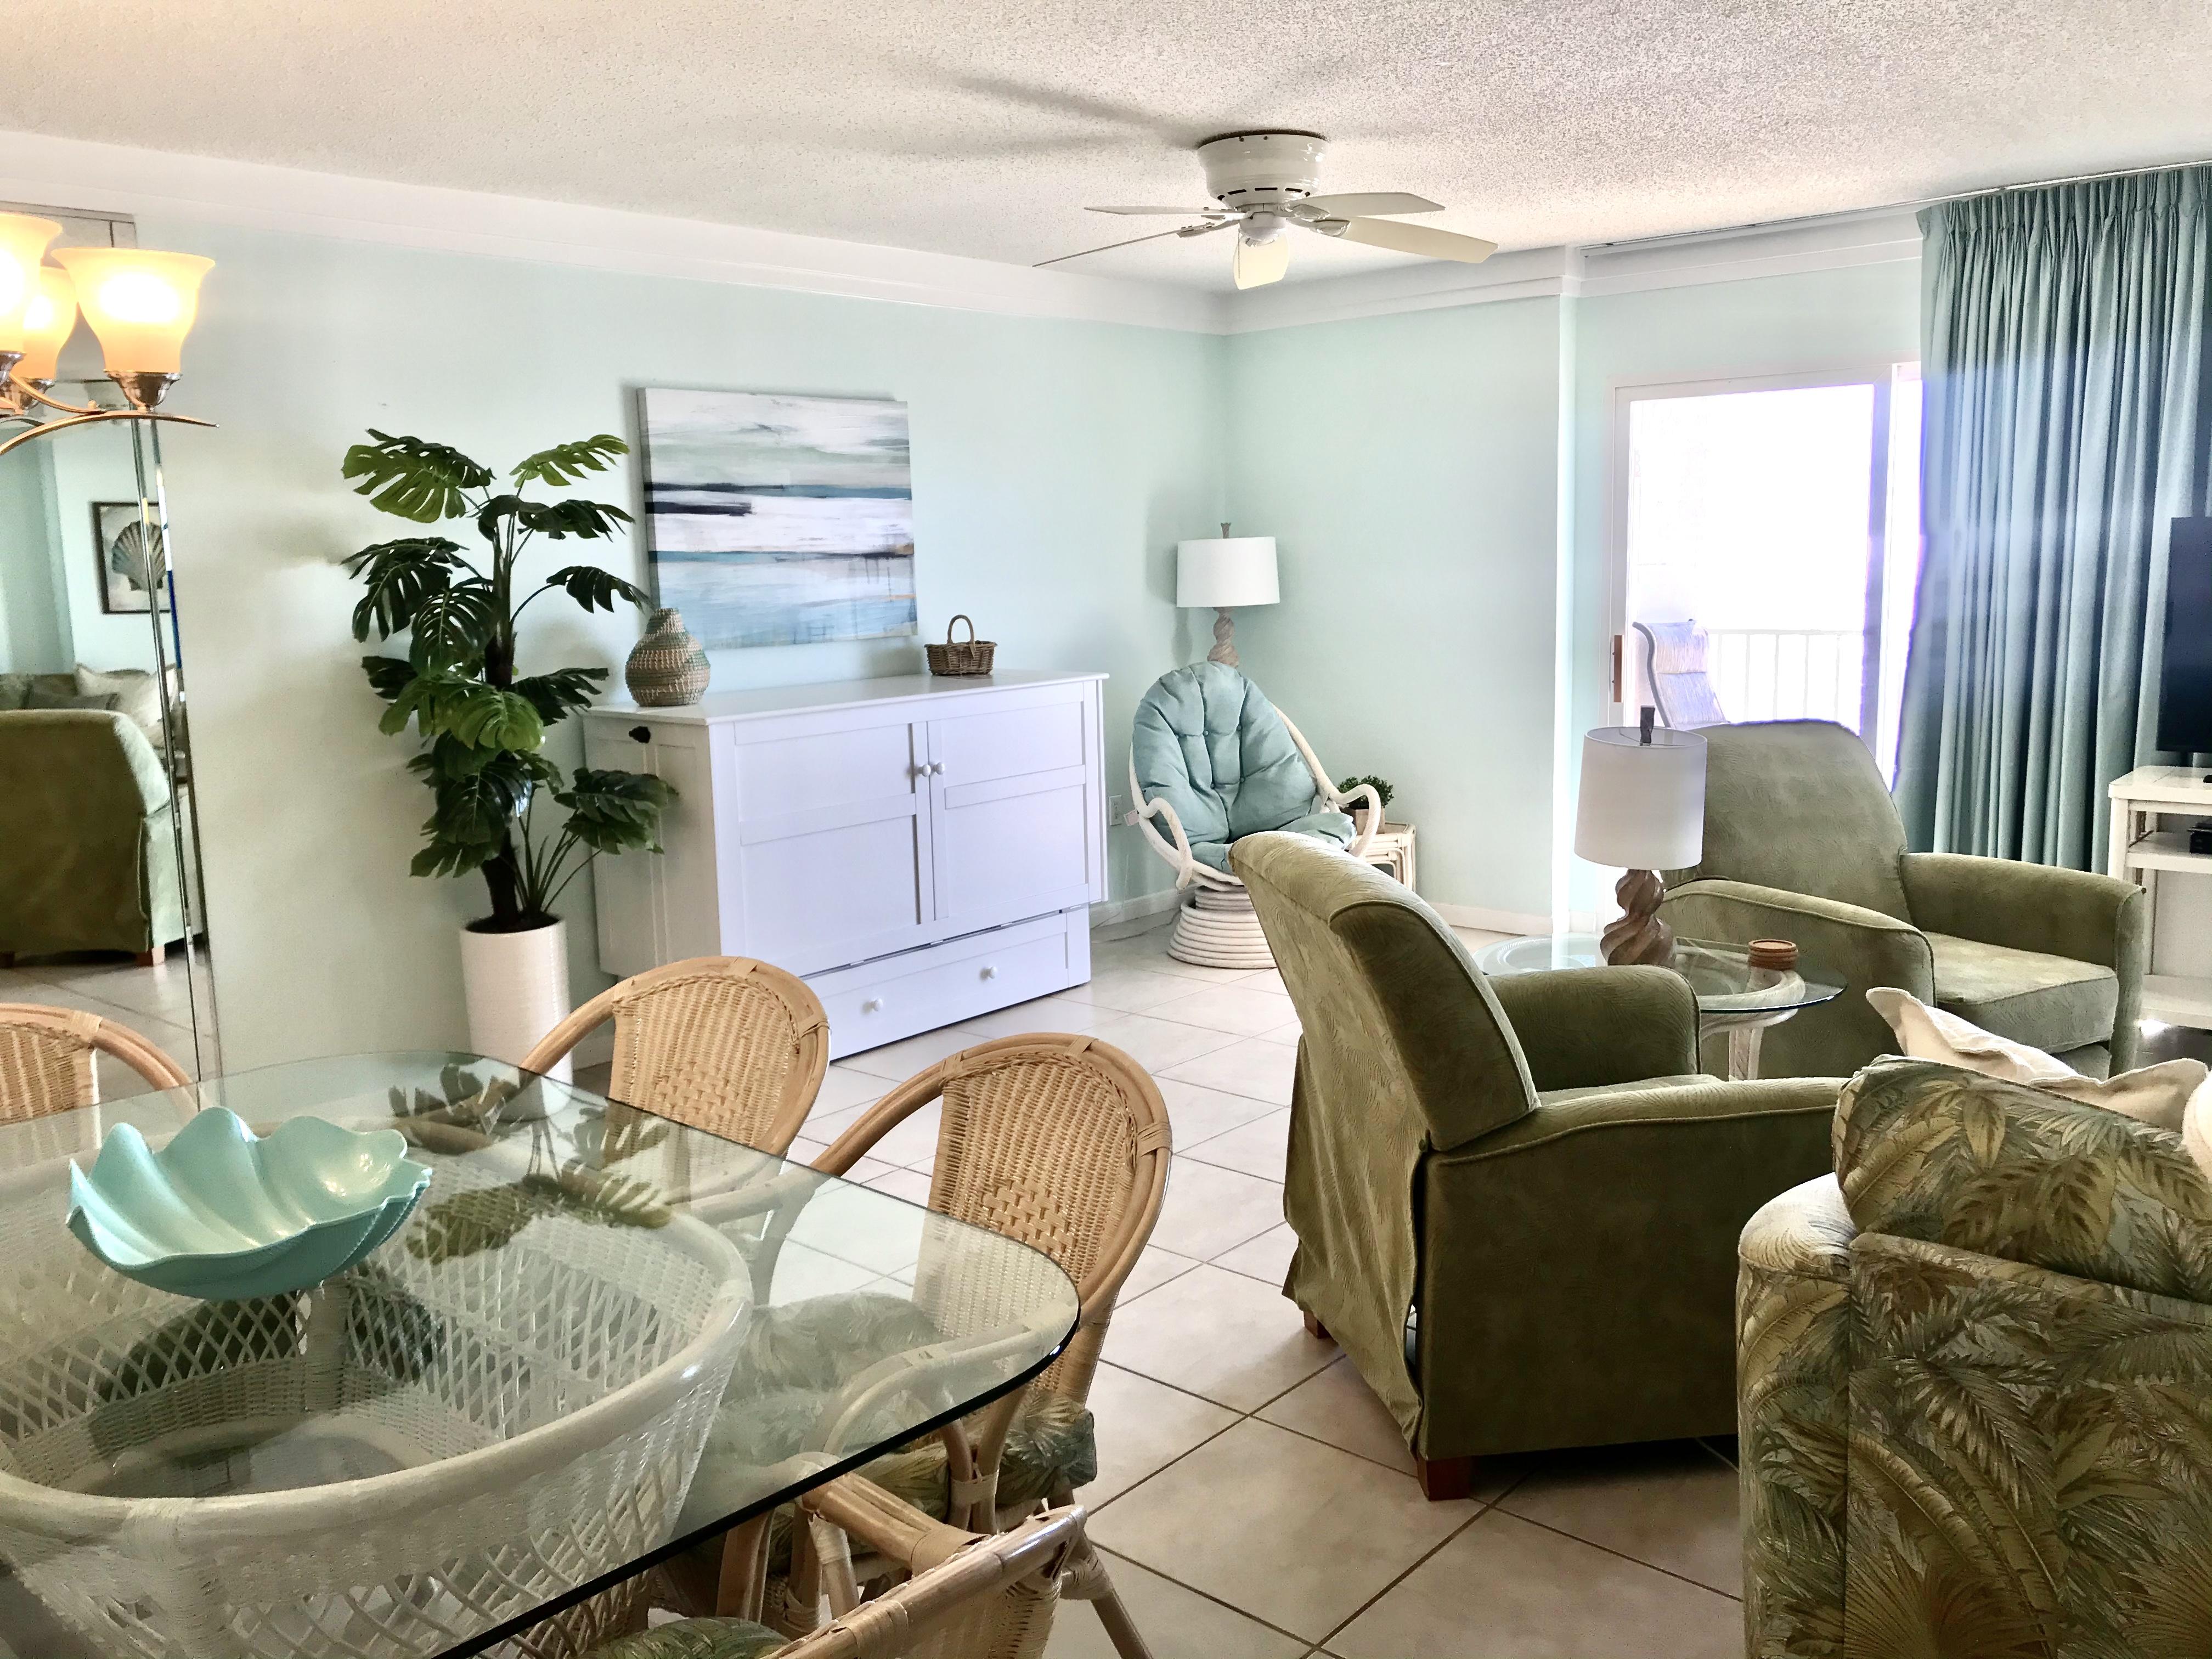 Ocean House 2706 Condo rental in Ocean House - Gulf Shores in Gulf Shores Alabama - #9